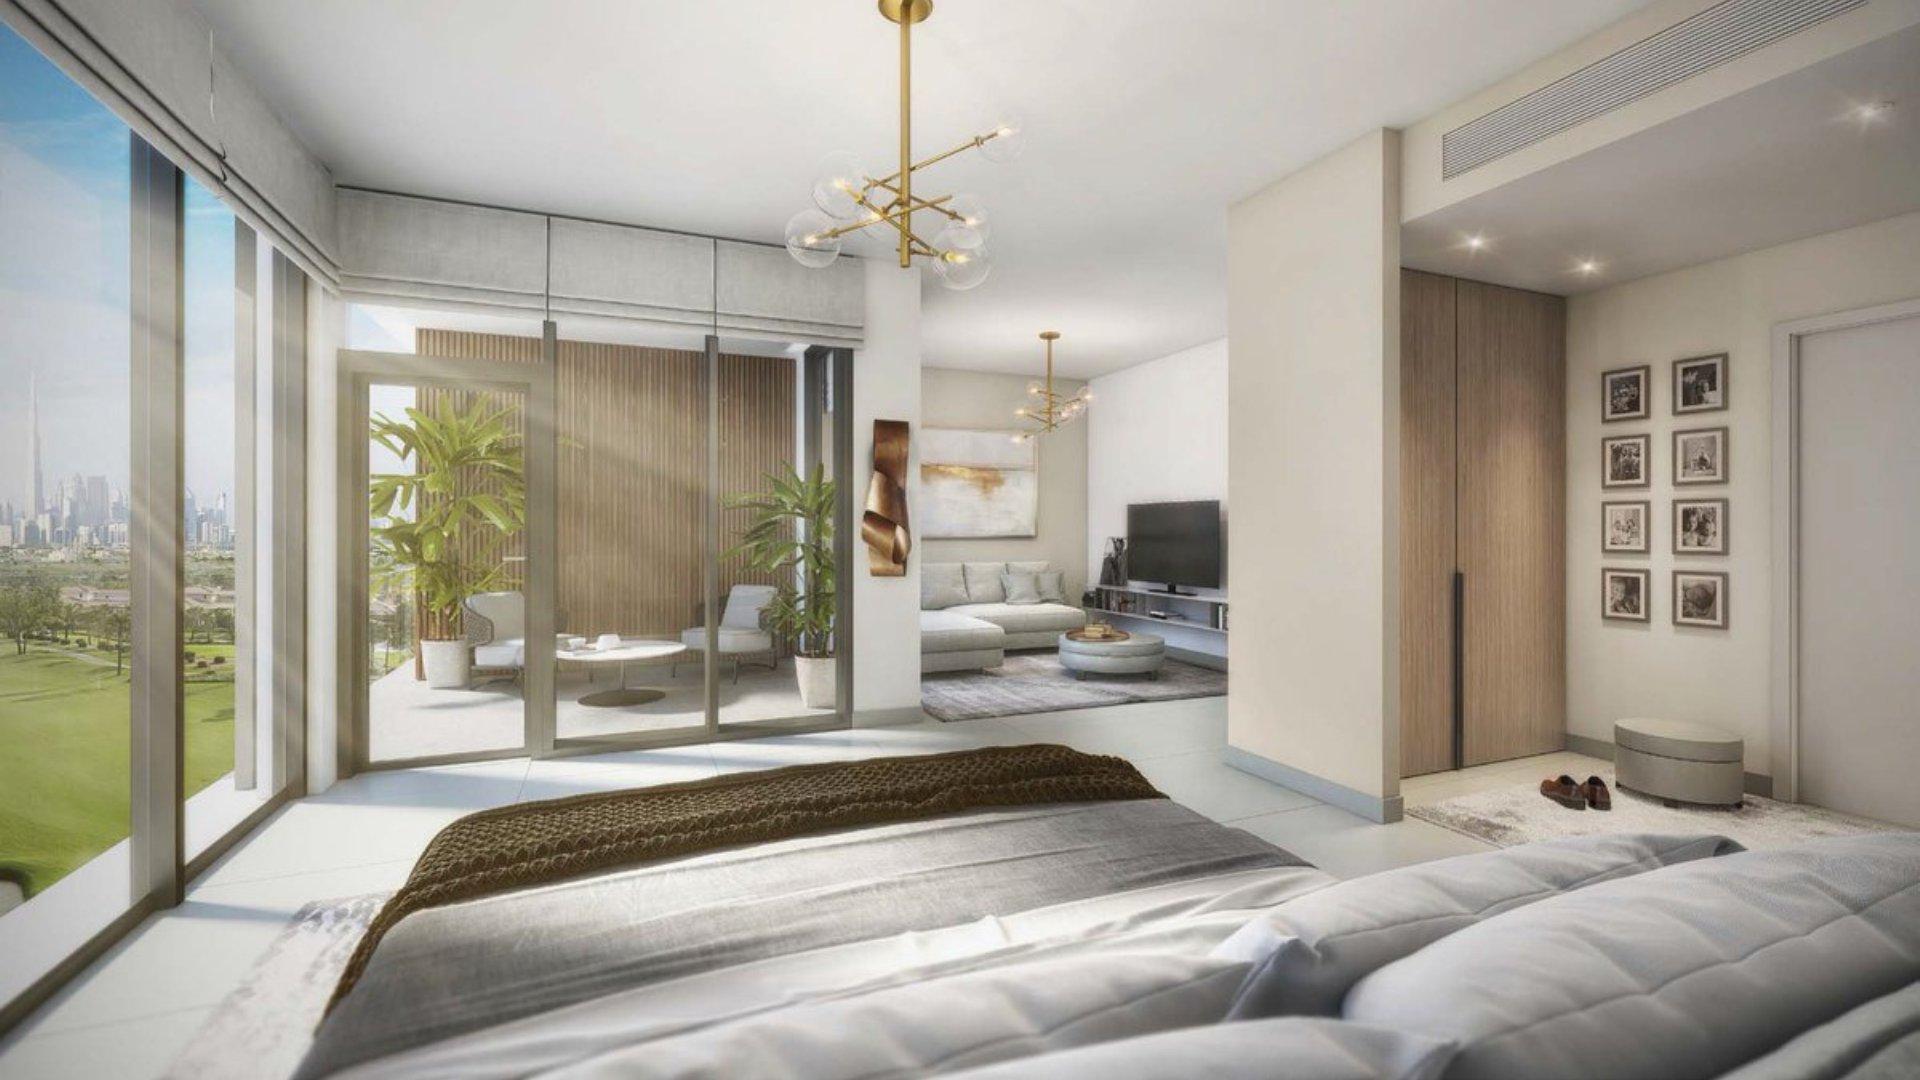 Villa en venta en Dubai, EAU, 3 dormitorios, 272 m2, № 24372 – foto 4